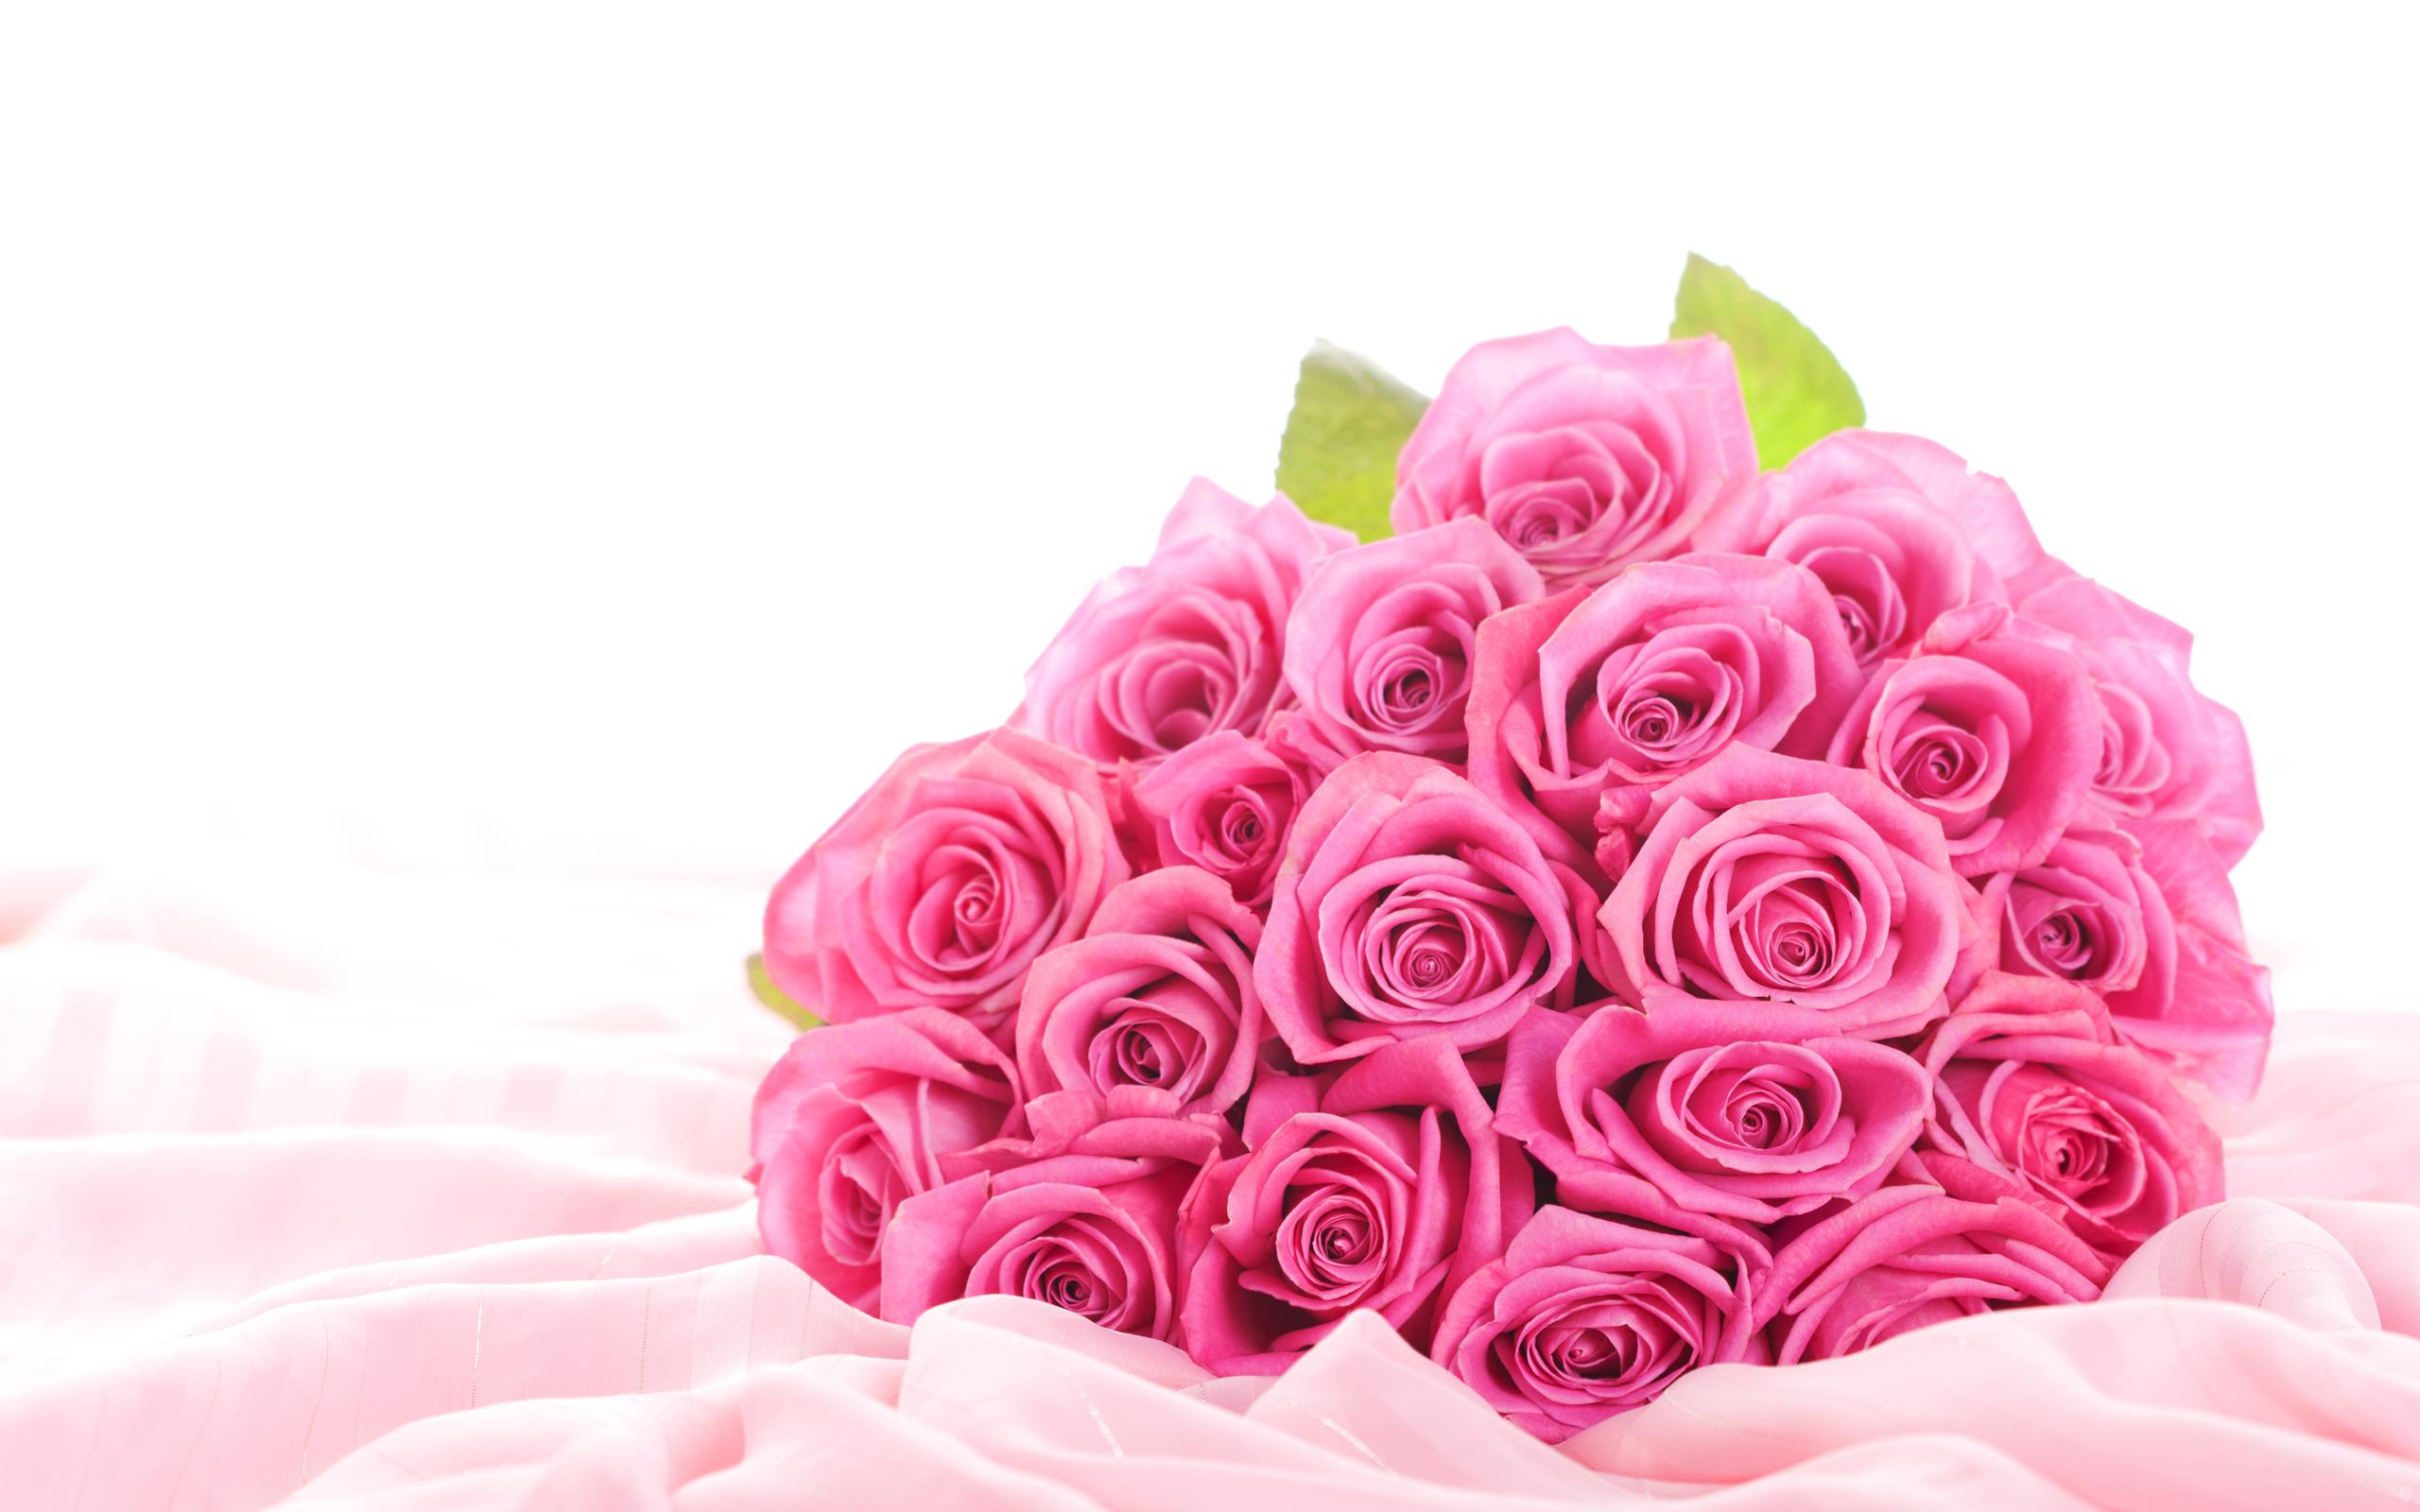 обои для раб стола розовые розы № 583755 загрузить